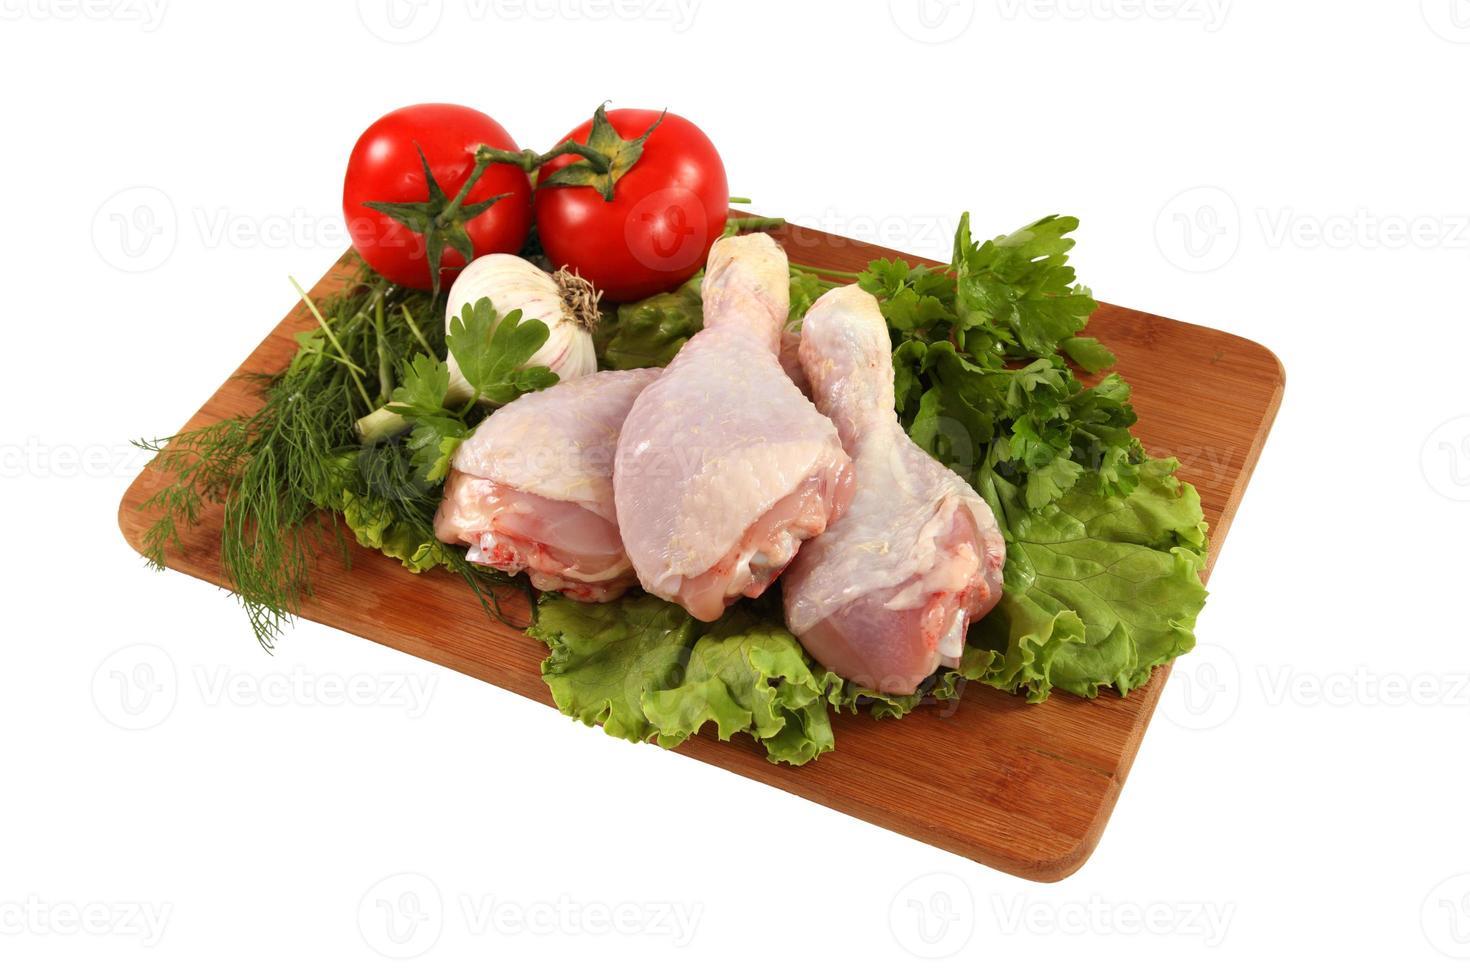 cosce di pollo crude con verdure foto